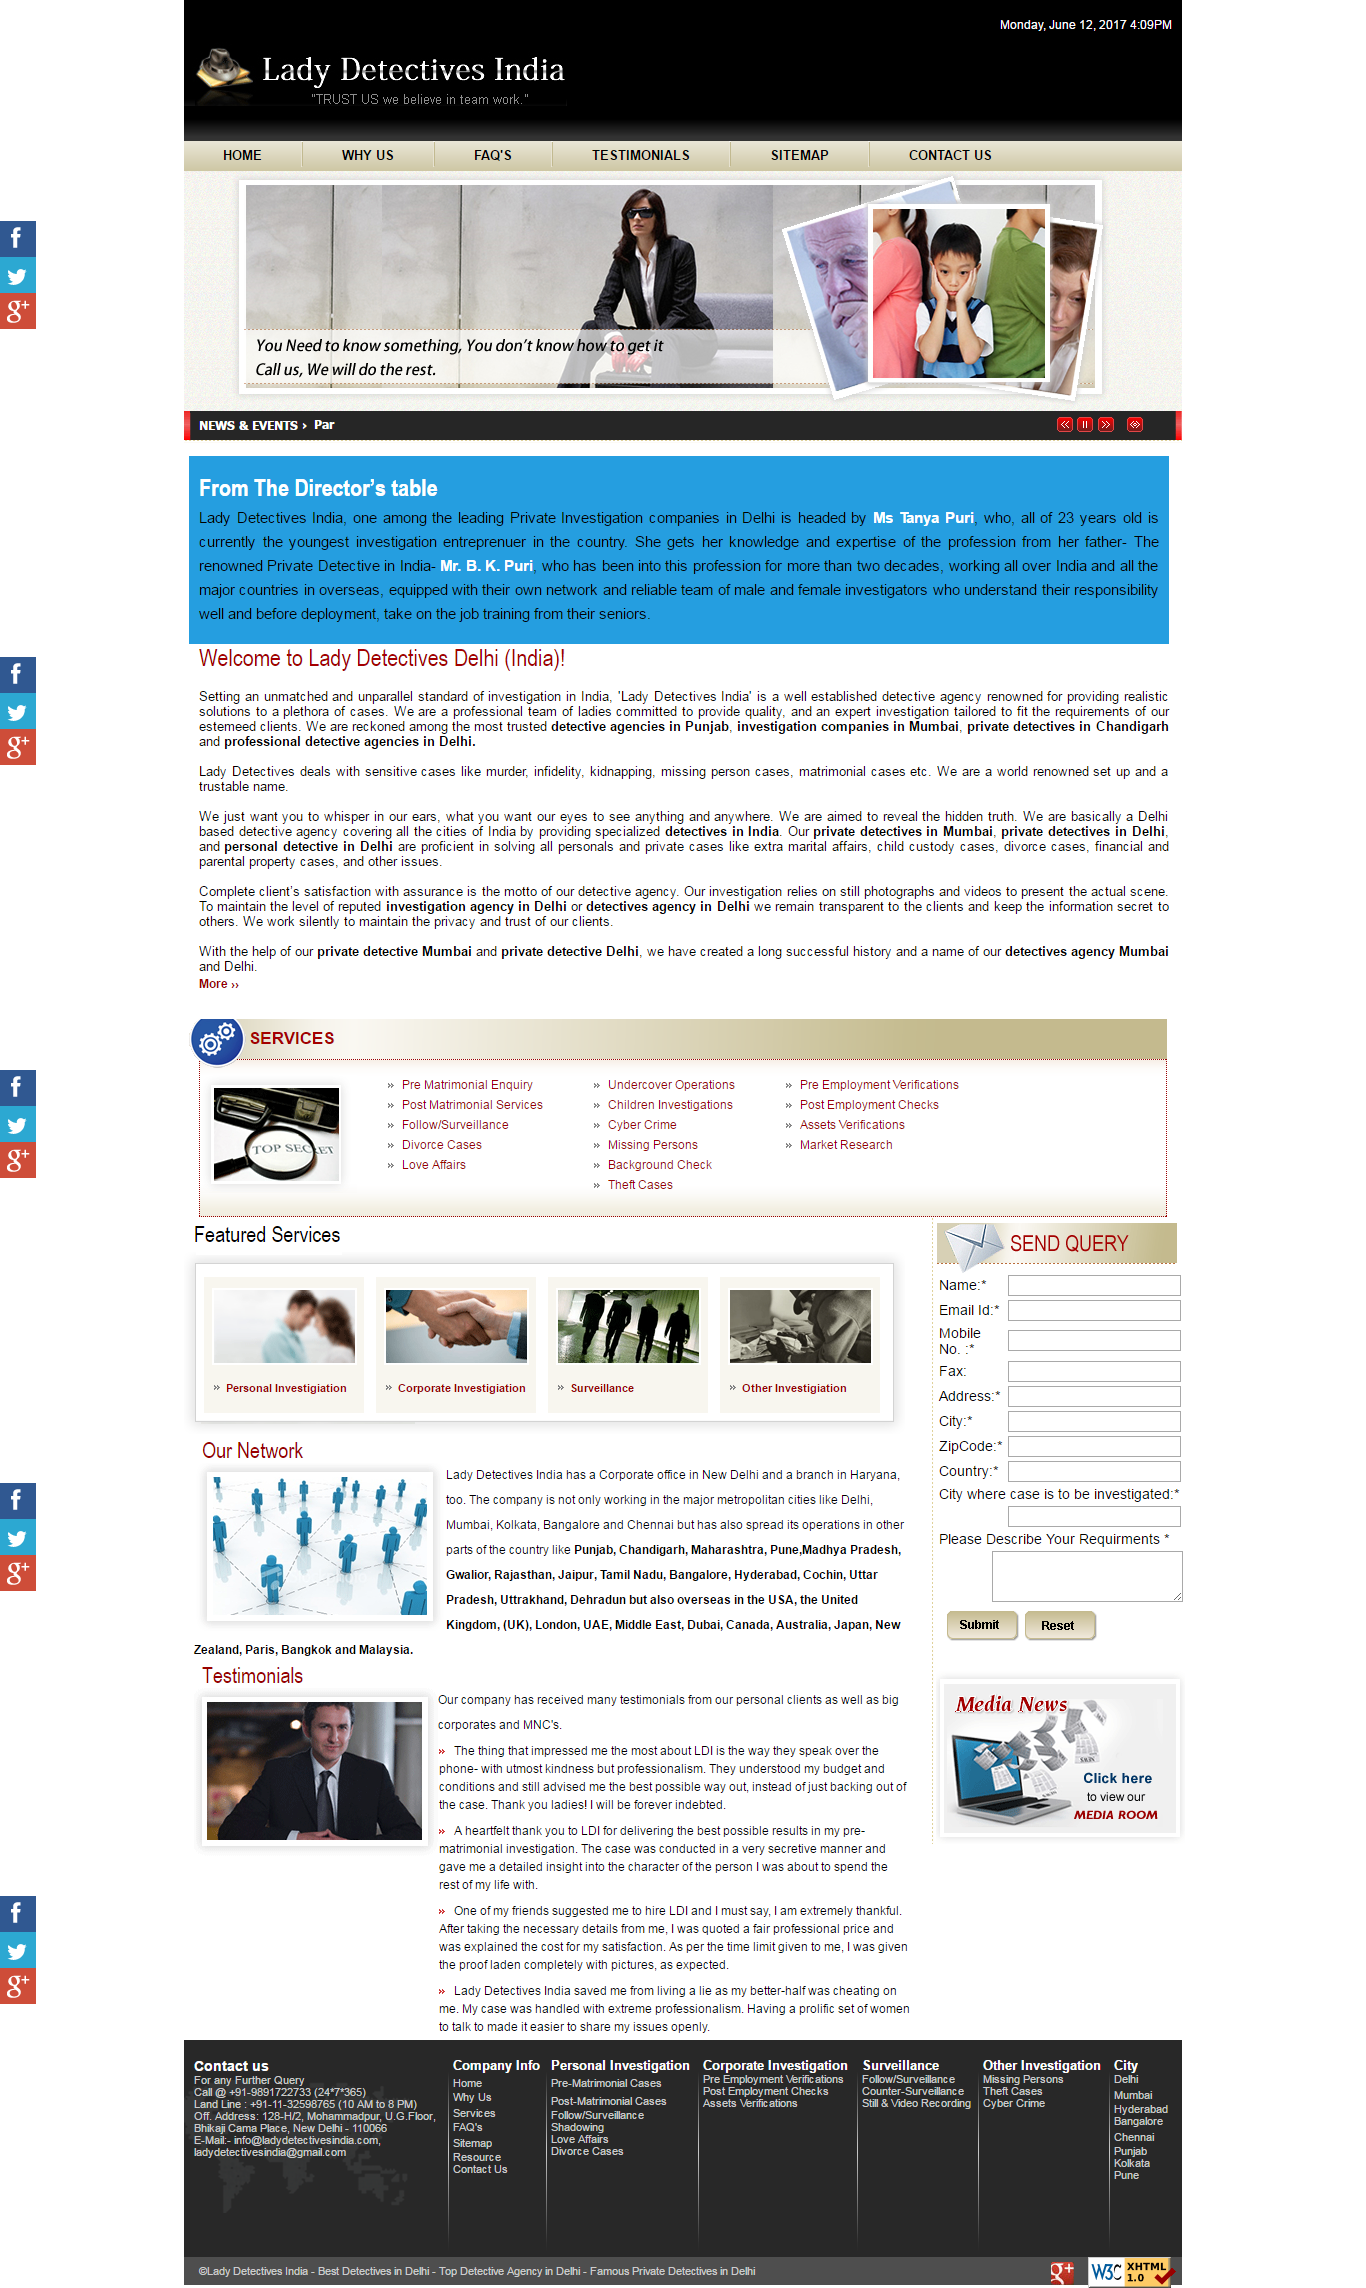 Web Designing, Development & SEO Company in Delhi - WebTech In India